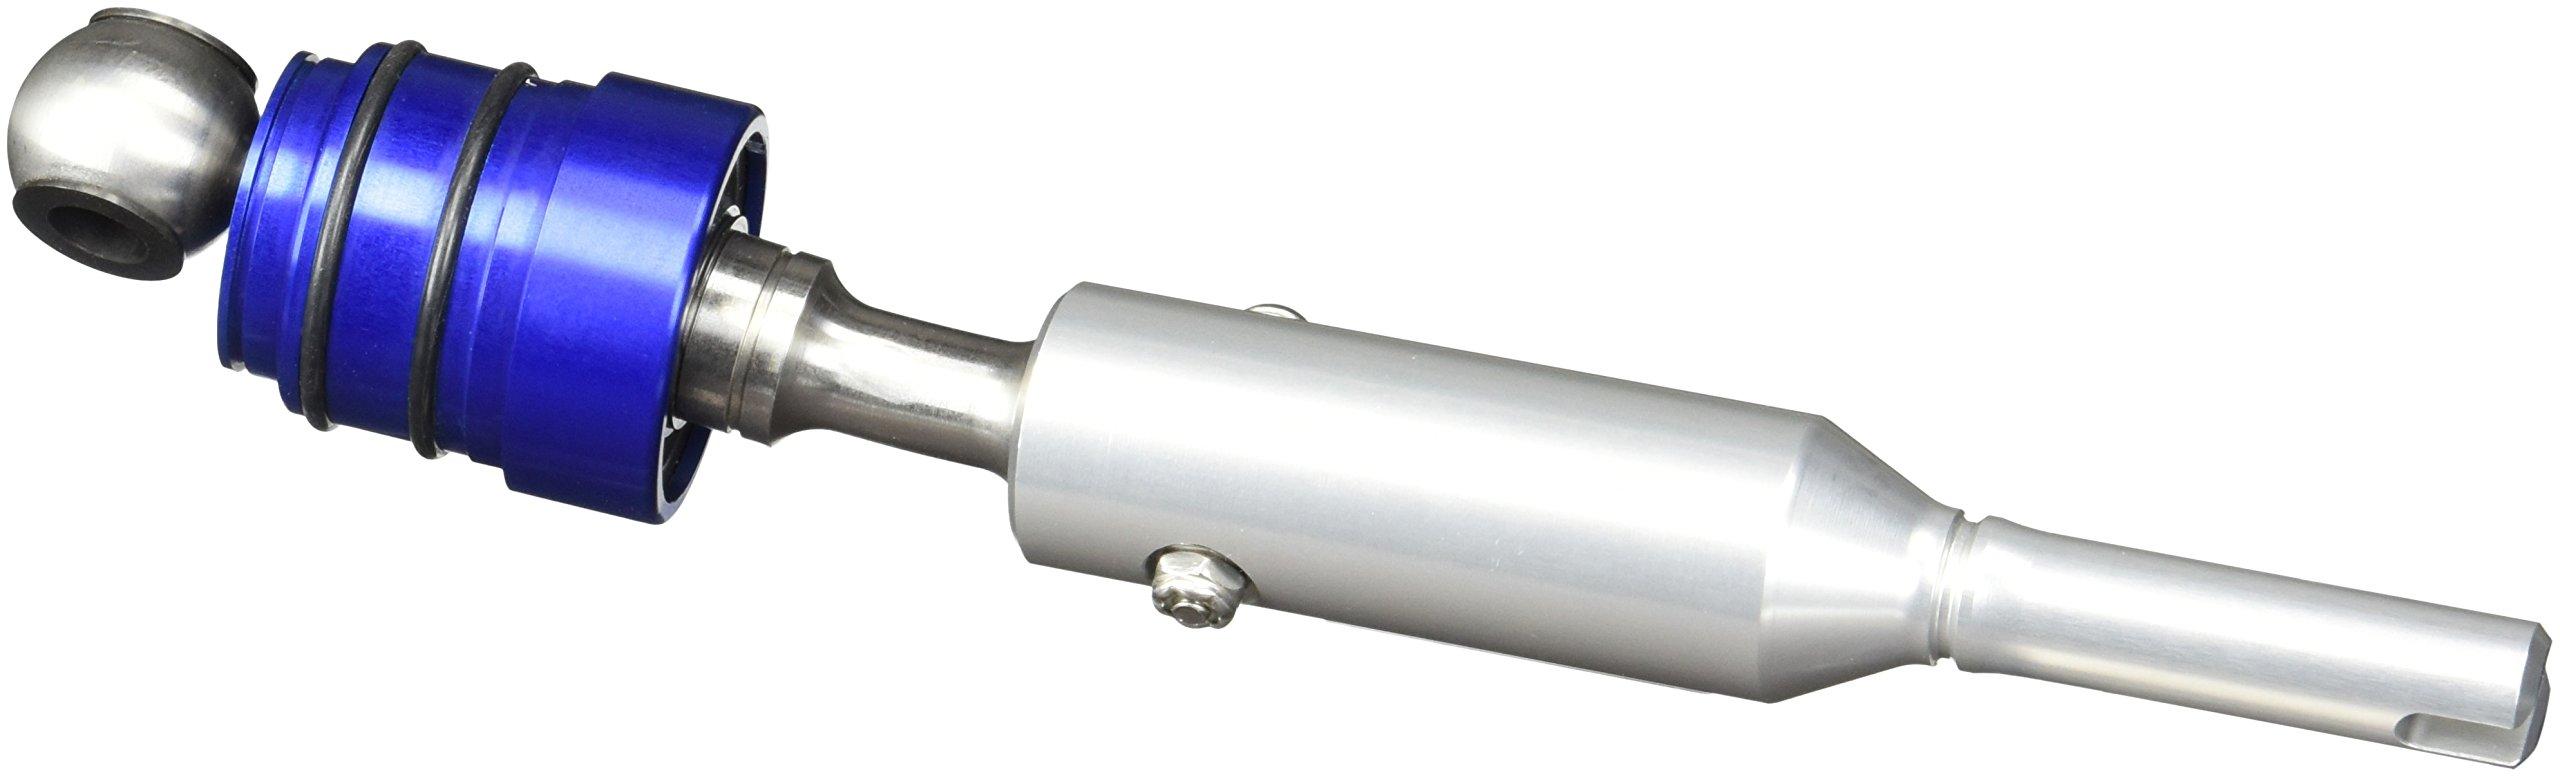 Dinan D550-1004 Billet Short-Shifter Kit